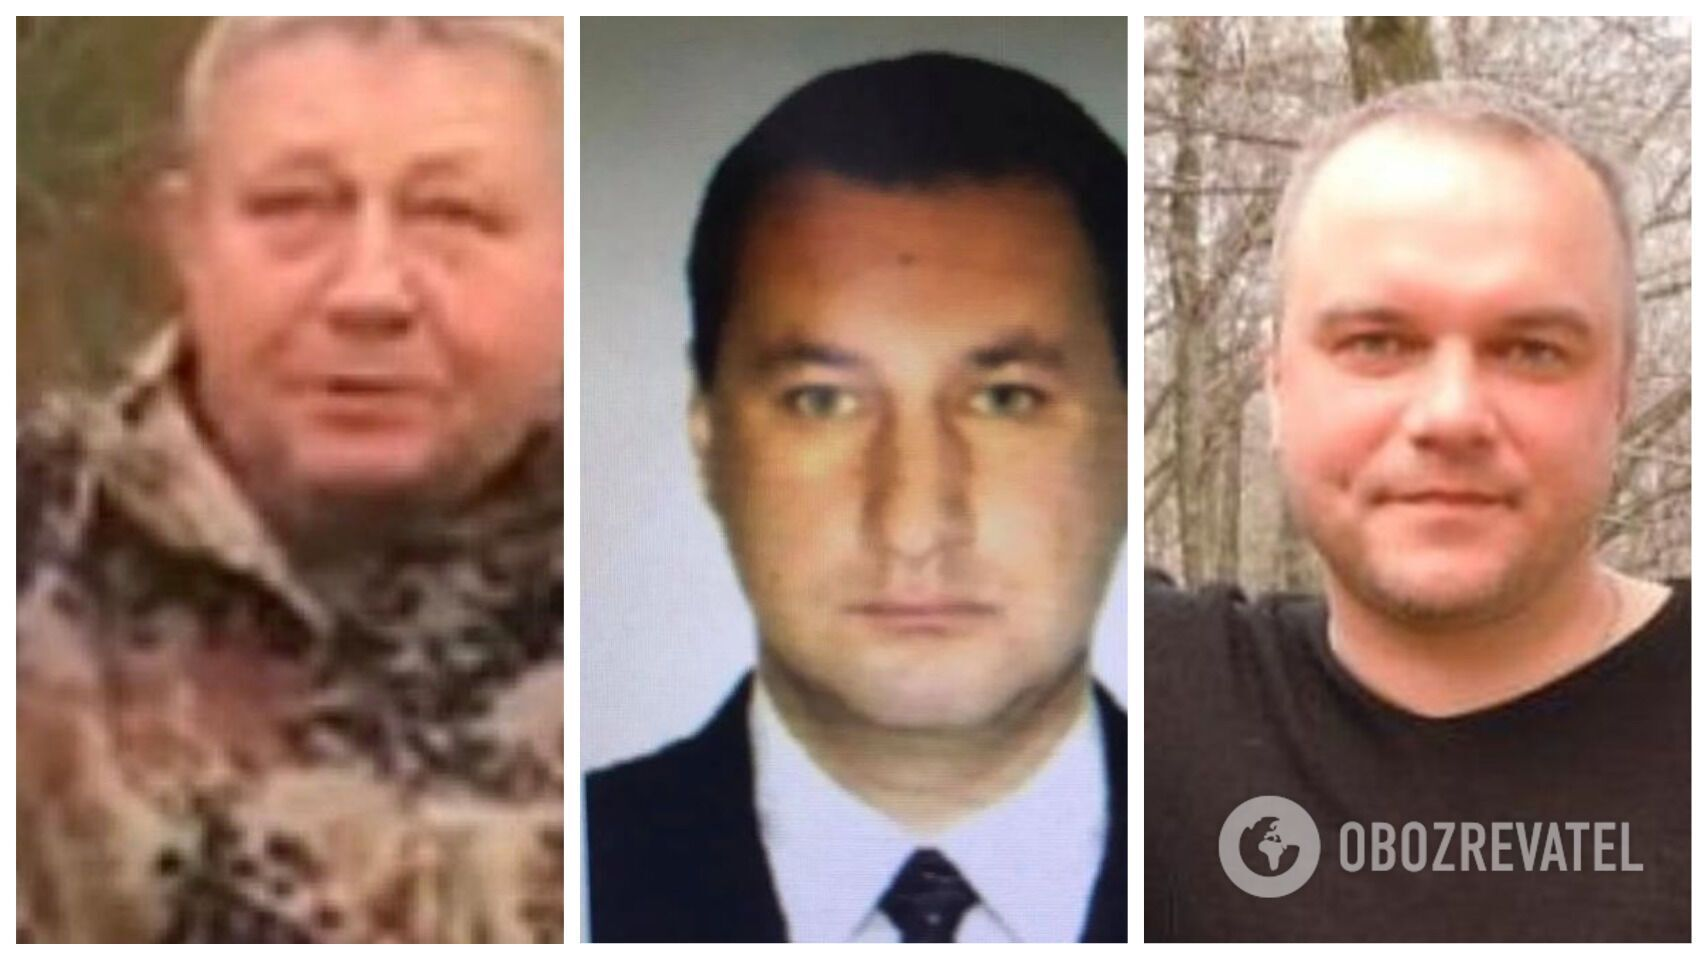 Вадим Долгов, Денис Куликовский и Роман Волянюк